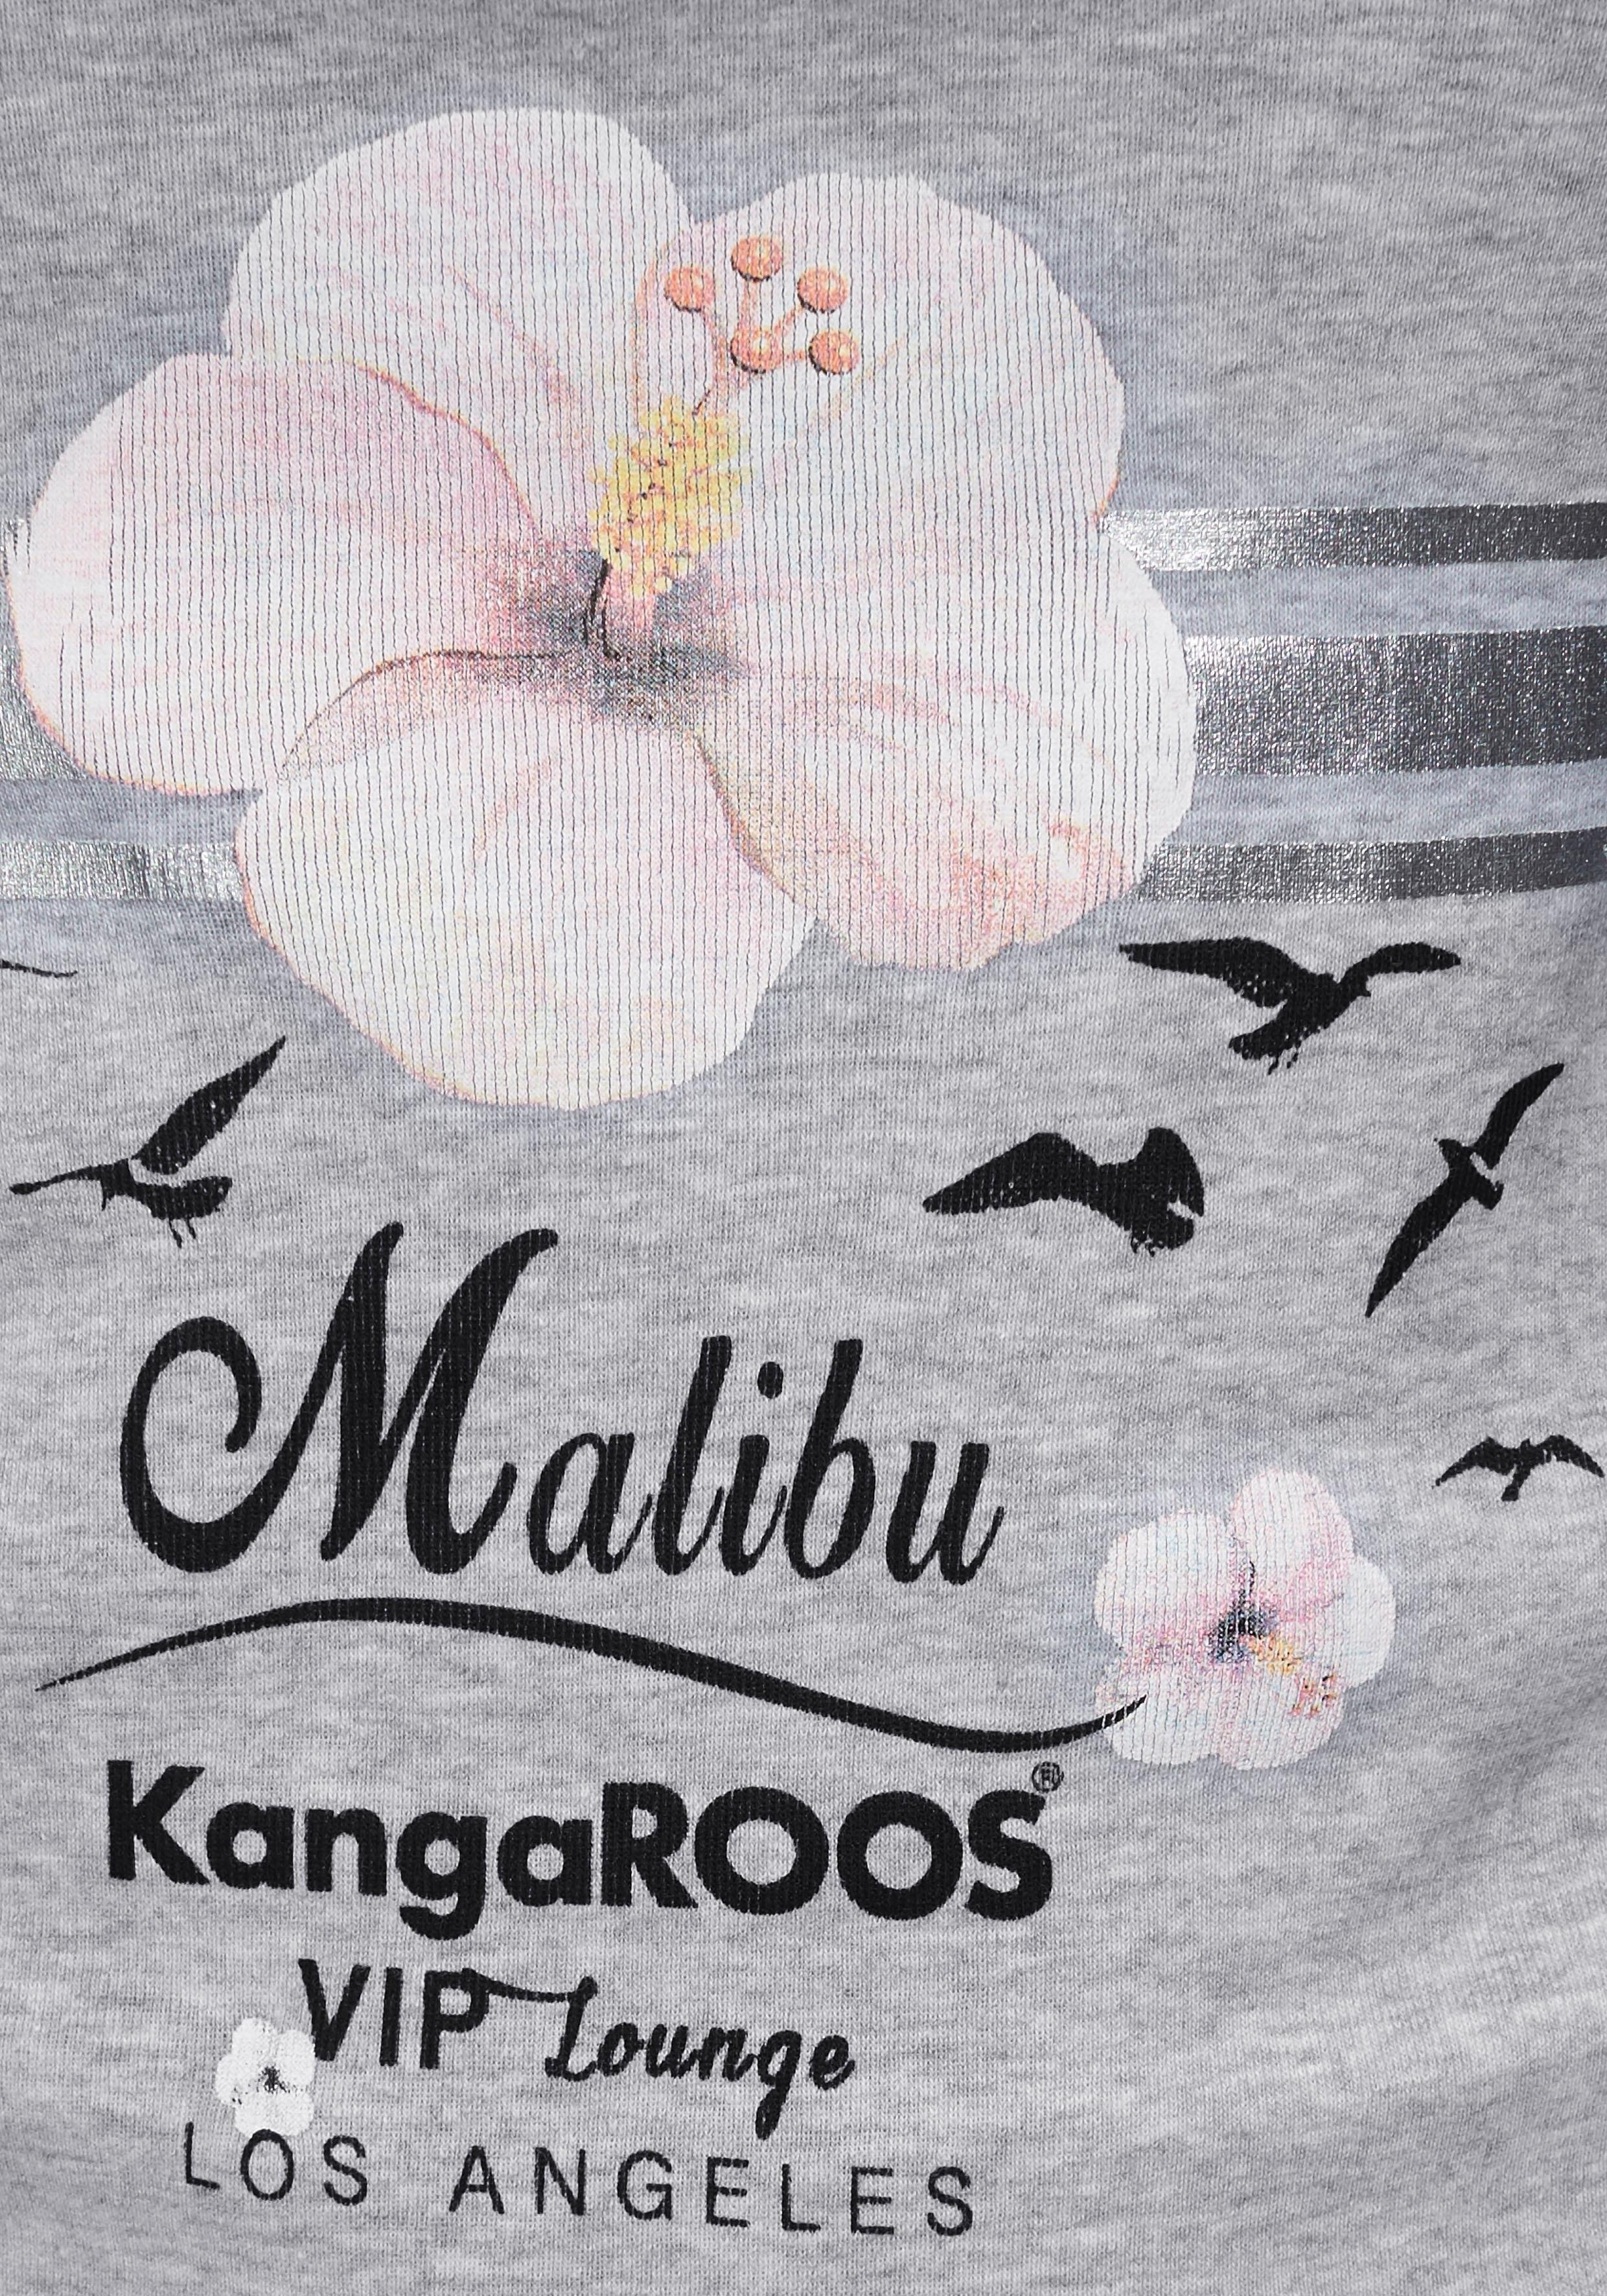 Online Verkrijgbaar Longsleeve Kangaroos Longsleeve Online Online Longsleeve Kangaroos Verkrijgbaar Kangaroos trhdsCQ